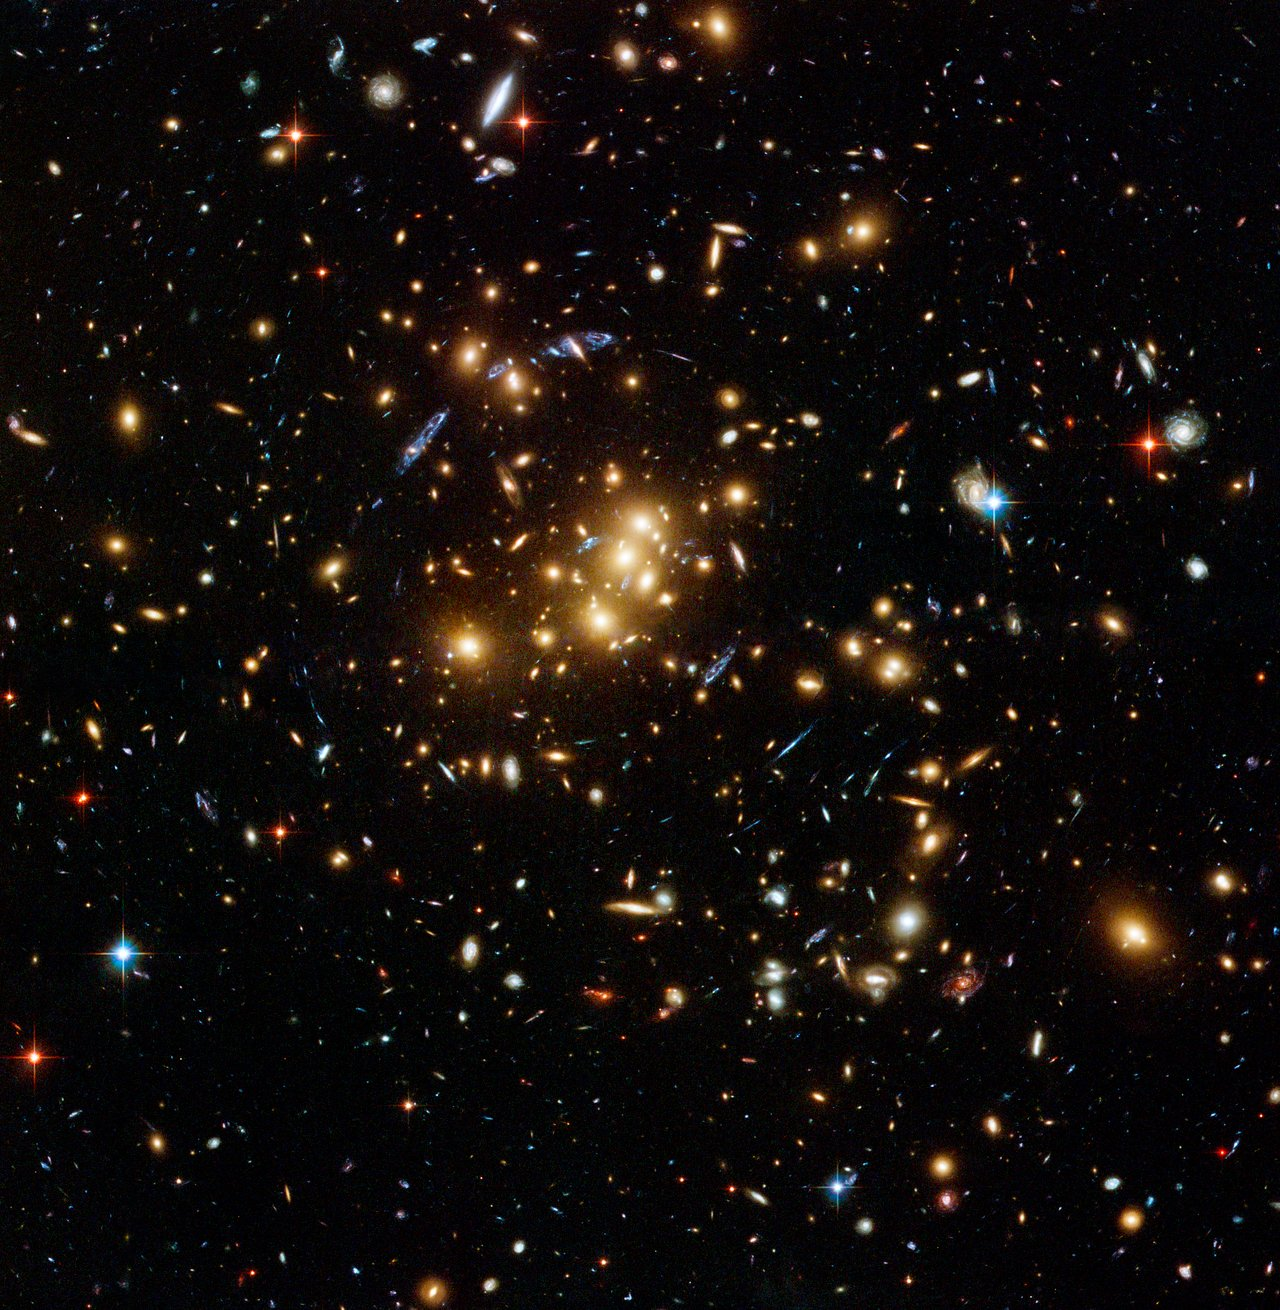 Galaxy cluster